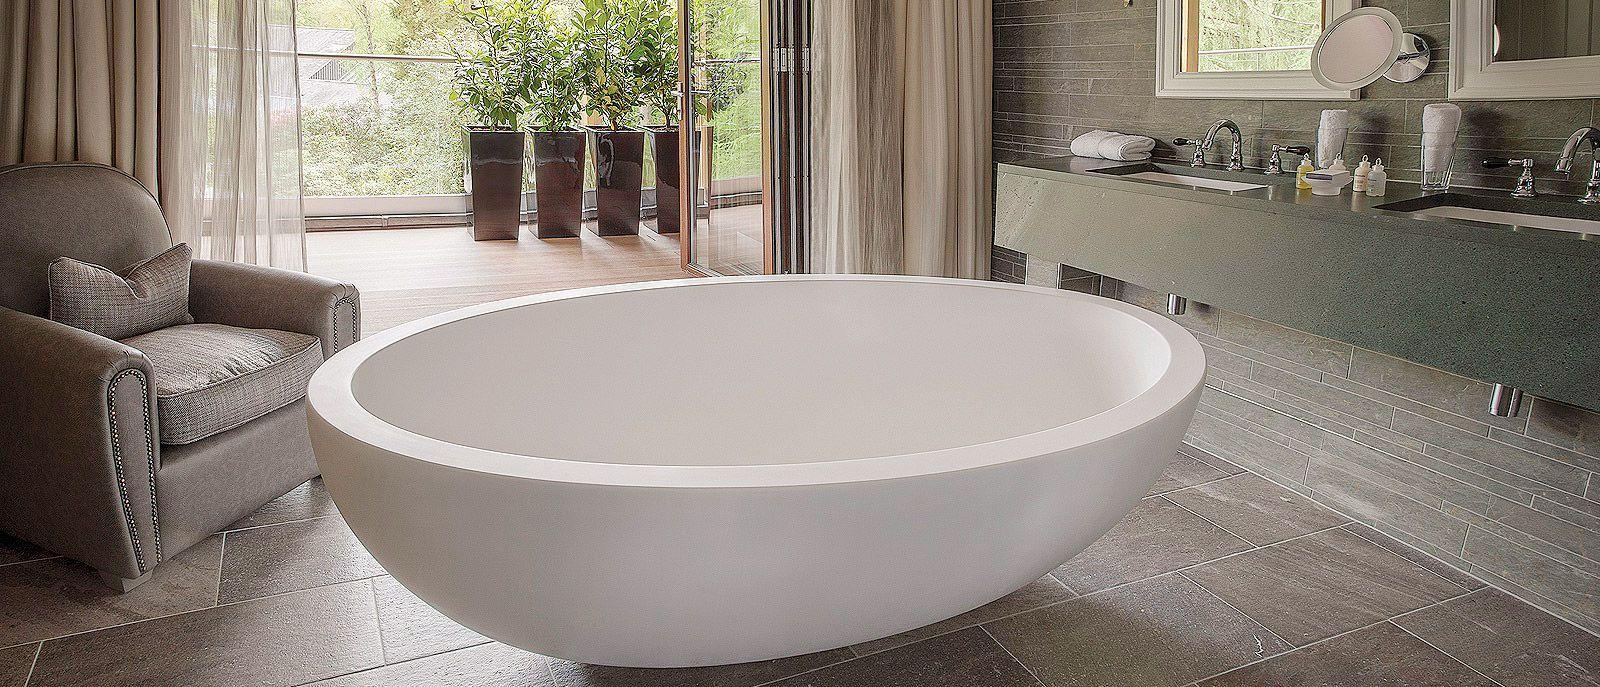 Castello Luxury Baths portfolio | Rub-A-Dub-Dub | Pinterest | Luxury ...